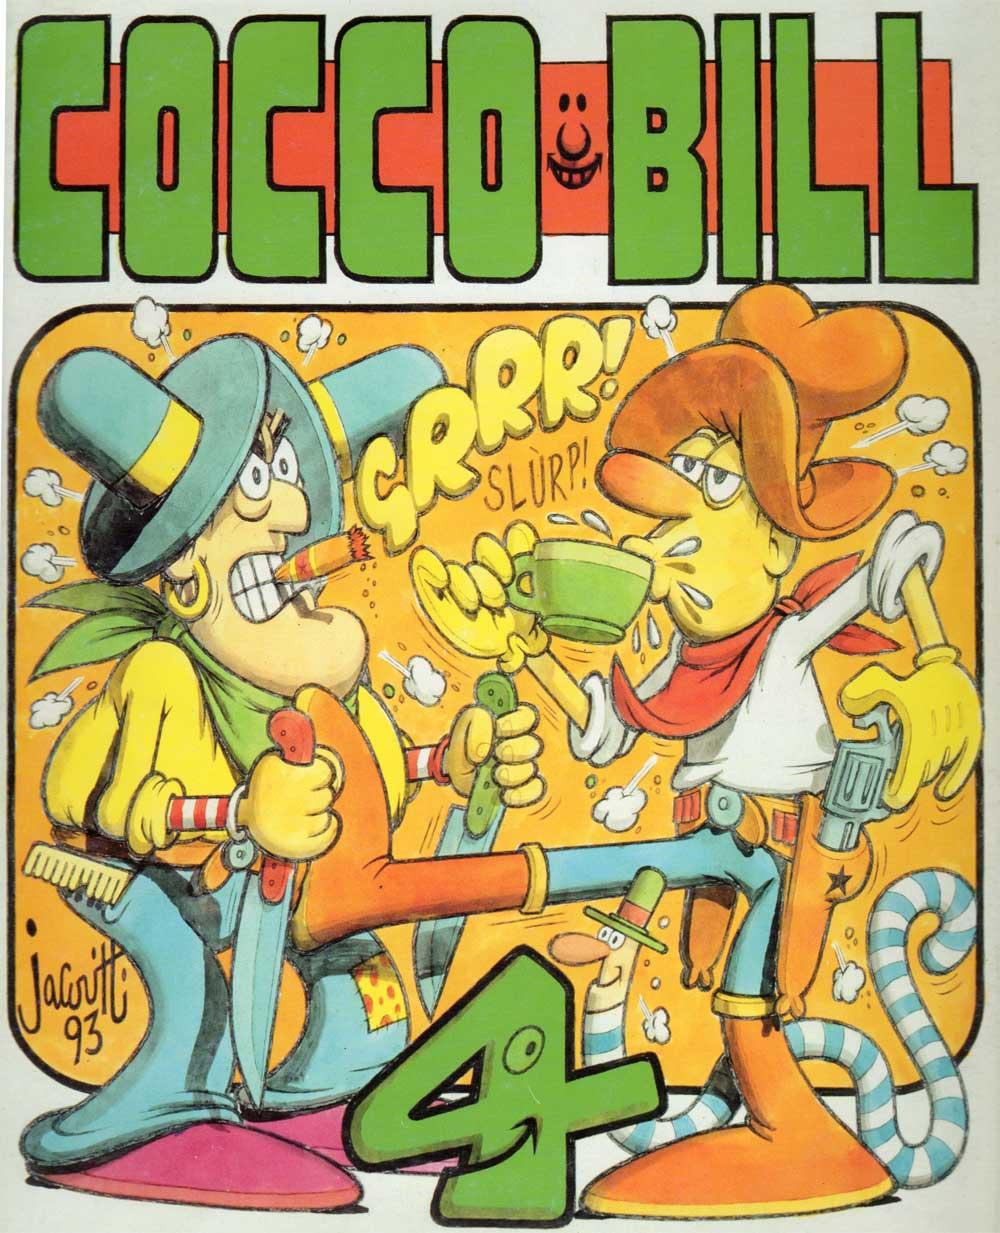 cocco bill jacovitti_